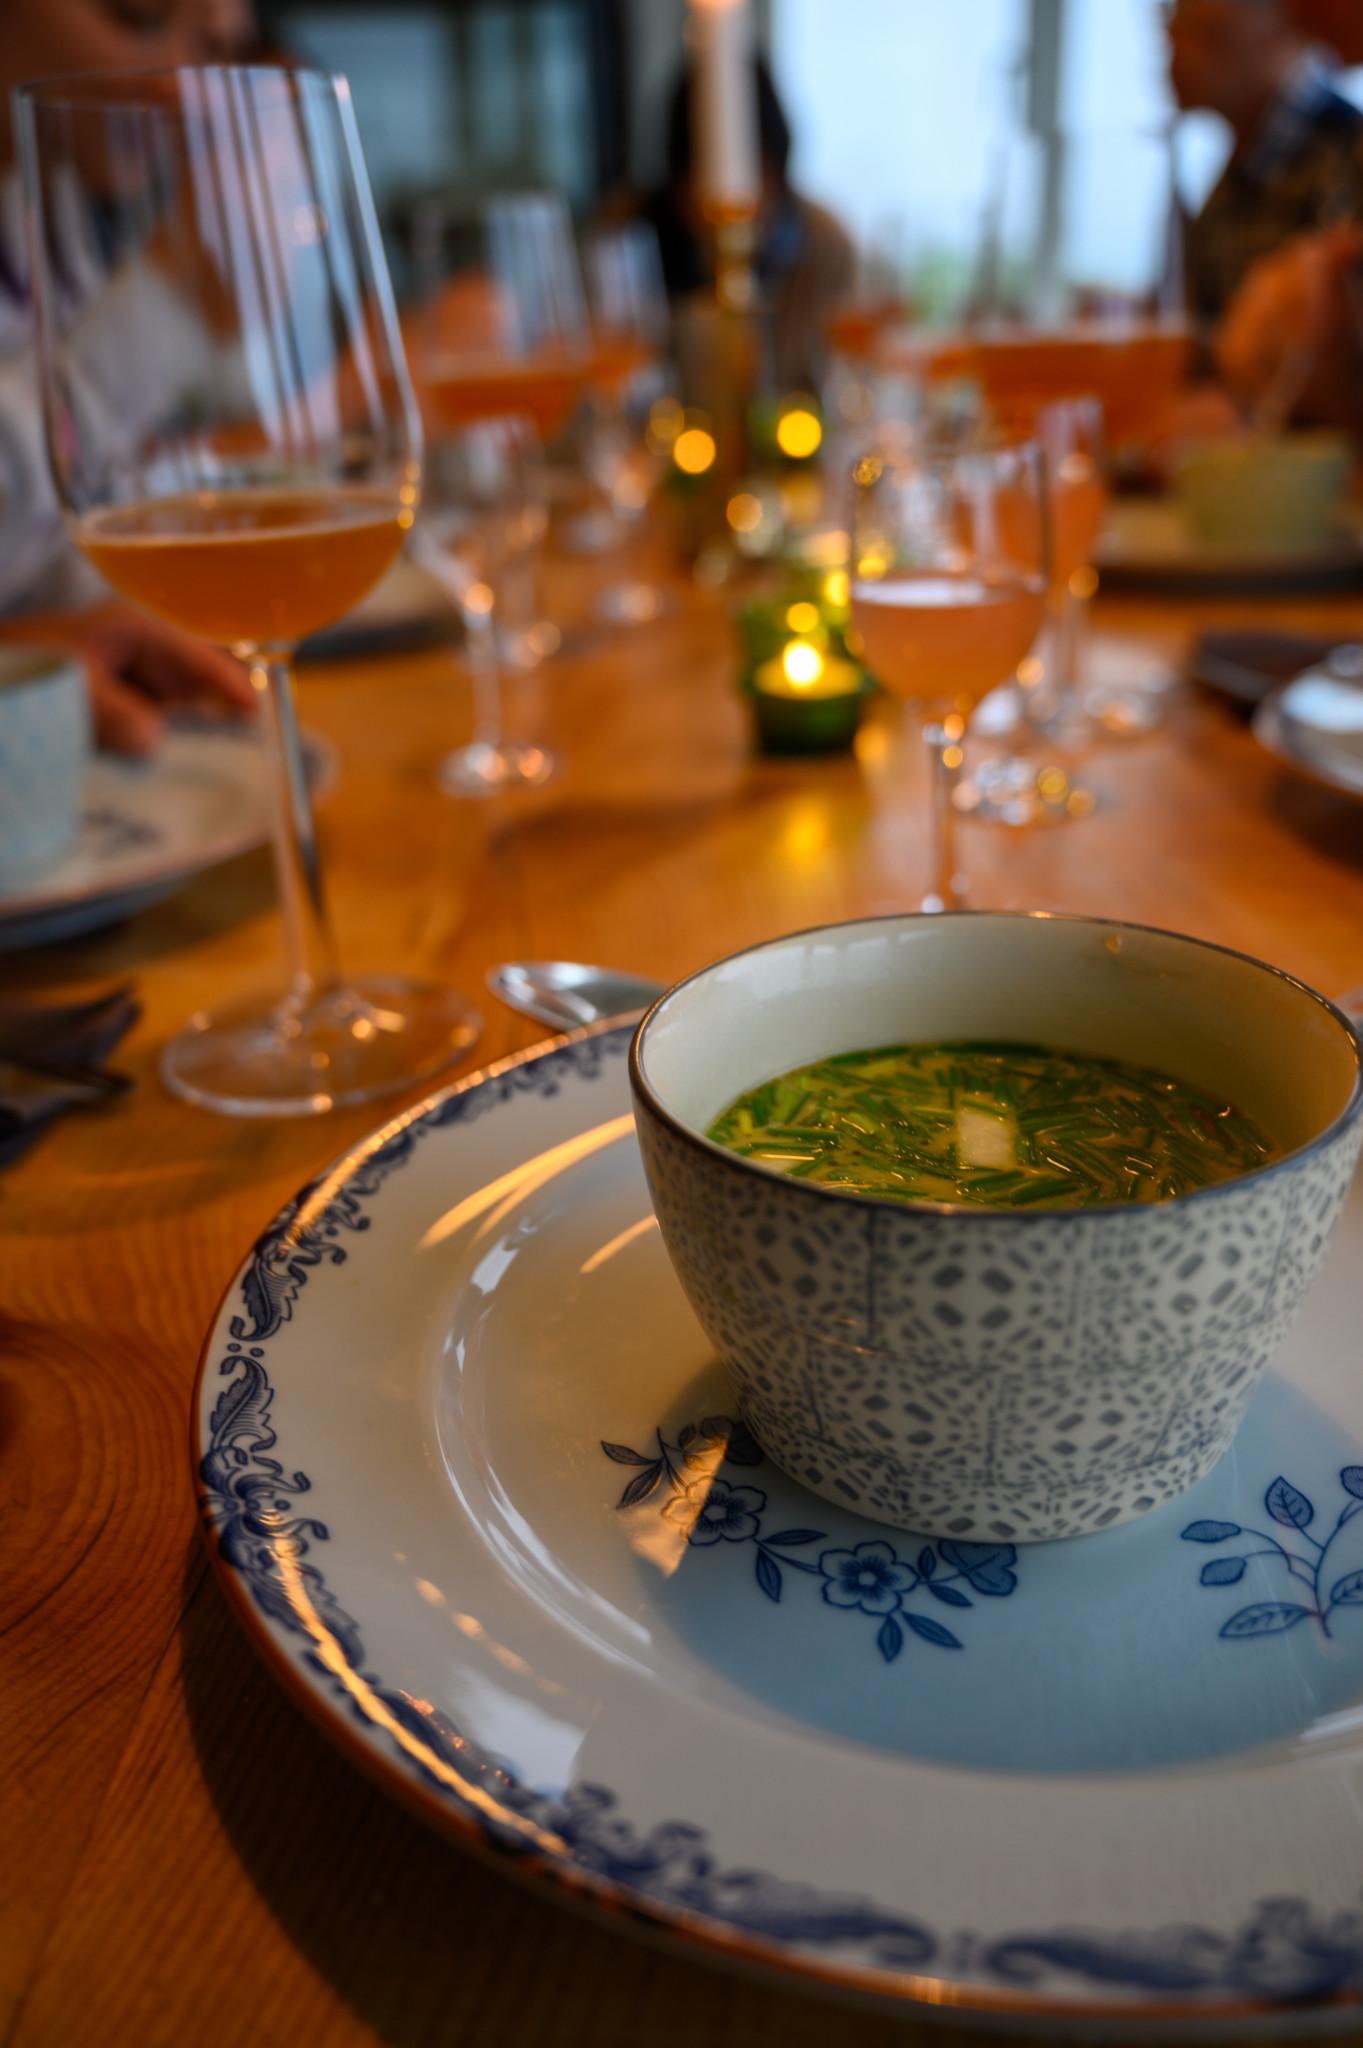 Essen und kochen bei Einheimischen auf Färöer